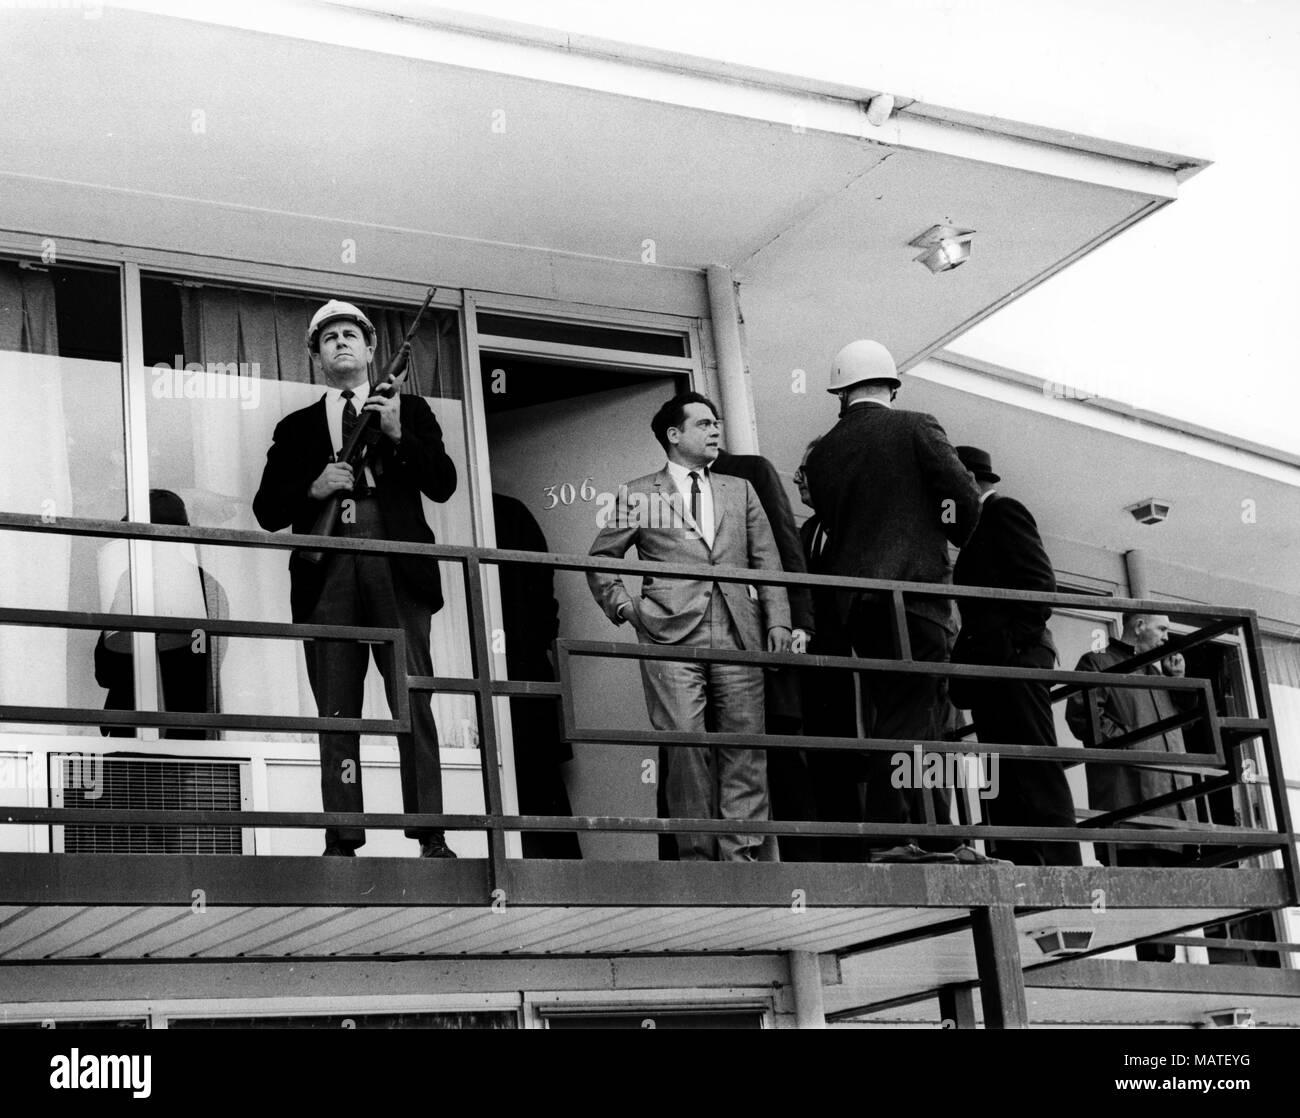 Abril 4, 2018 - archivo - El reverendo MARTIN LUTHER KING JR. fue herido mortalmente por J. Earl Ray a las 6:01 p.m., 4 de abril de 1968, cuando se encontraba en el segundo piso del hotel Lorraine en Memphis, Tennessee. Foto: Abril 4, 1968 - Memphis, Tennessee, EE.UU. - El balcón de la habitación #306 del Motel Lorraine en Memphis, Tennessee, en donde el reverendo Martin Luther King Jr. fue muerto a tiros el 4 de abril de 1968. (Crédito de la Imagen: © Agencia de Prensa Keystone Keystone/USA a través ZUMAPRESS.com) Foto de stock